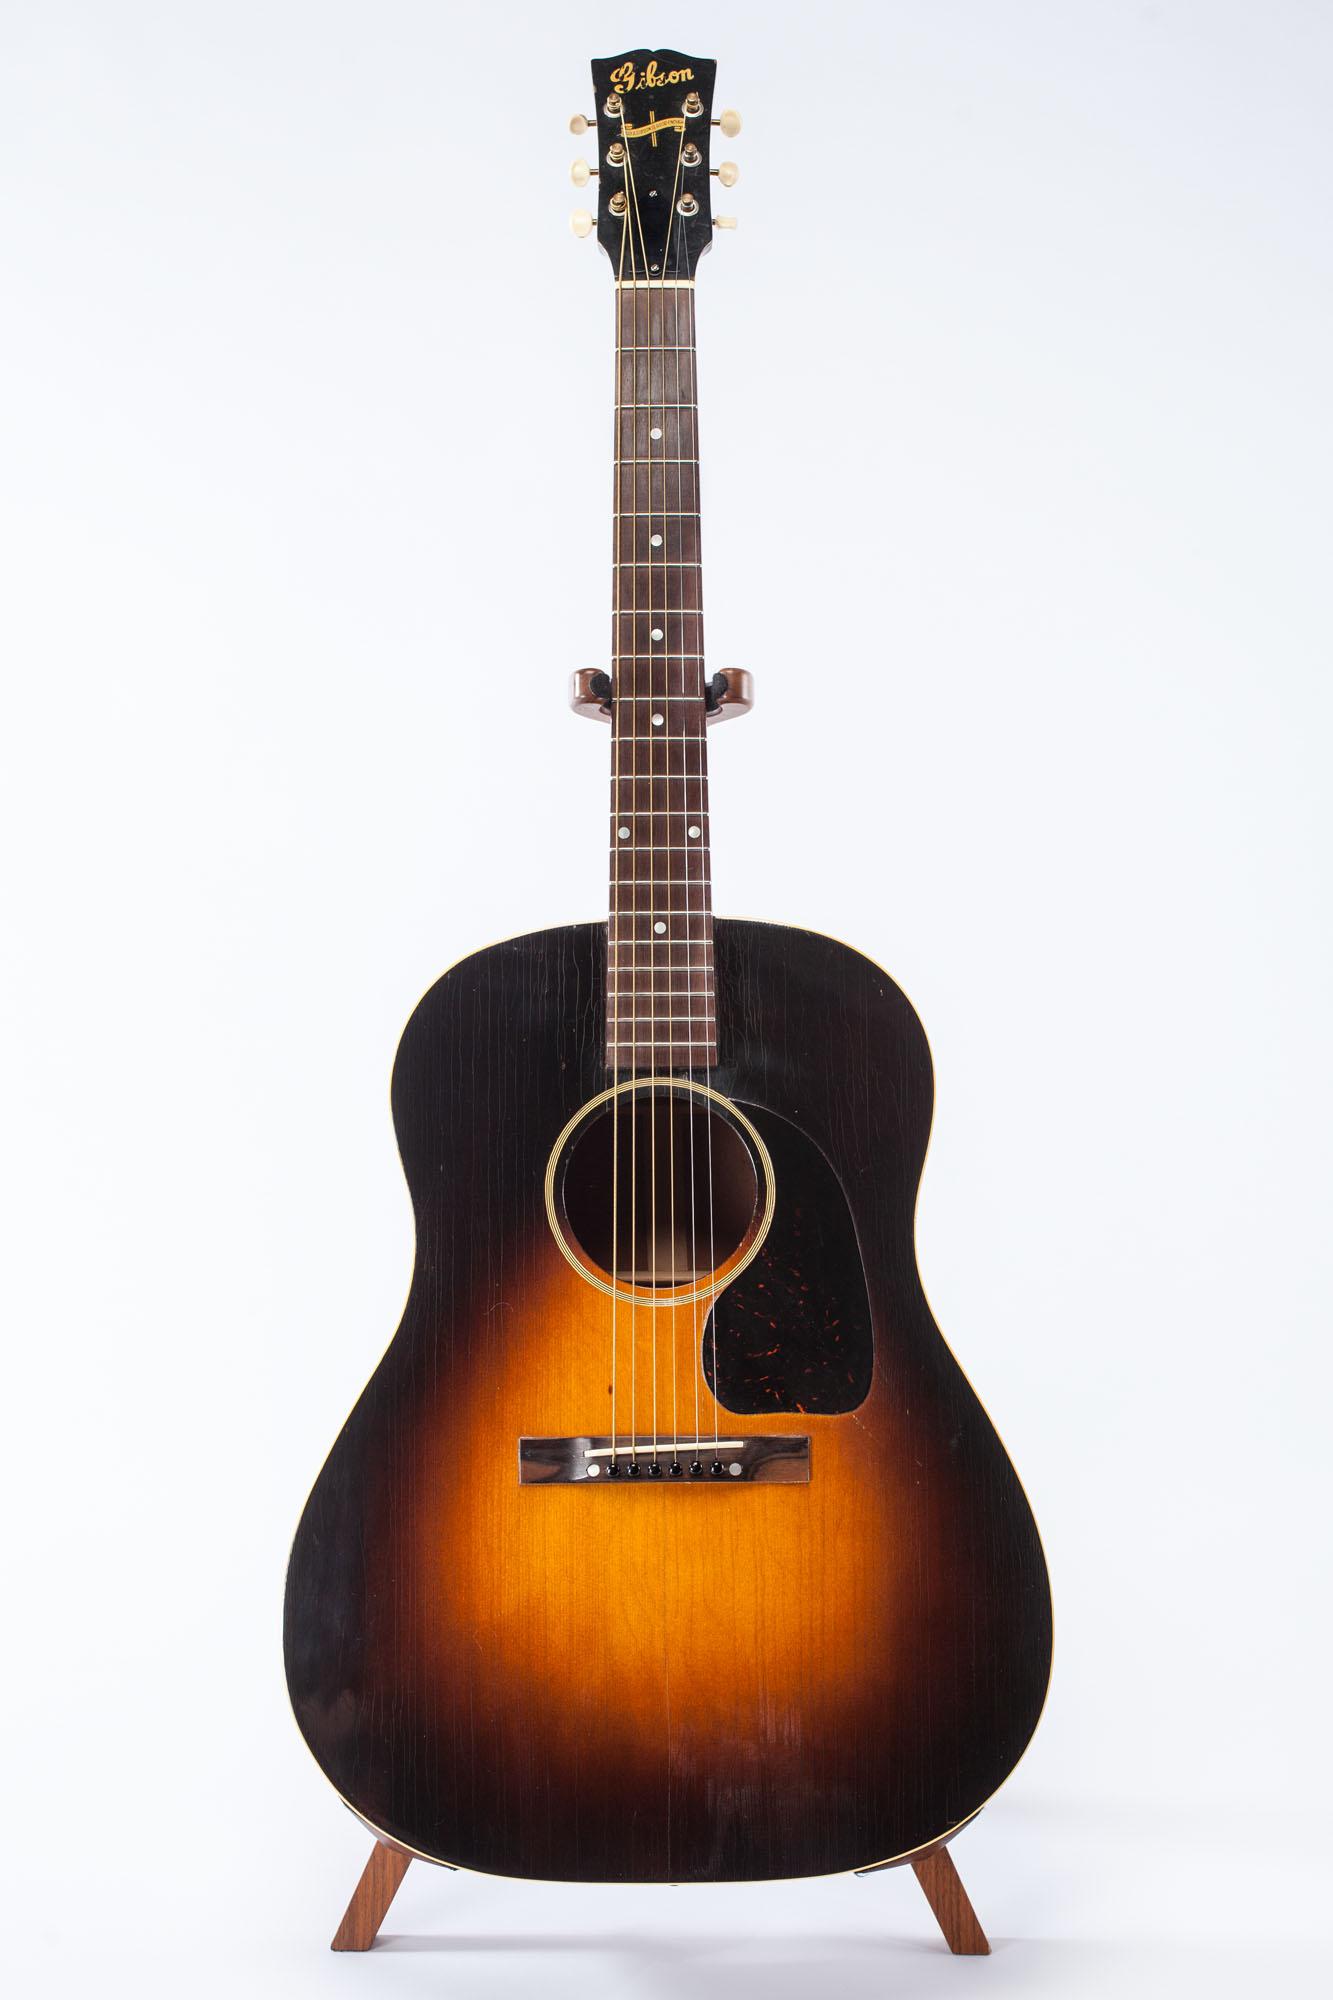 gibson banner j 45 1944 sunburst guitar for sale jet city. Black Bedroom Furniture Sets. Home Design Ideas